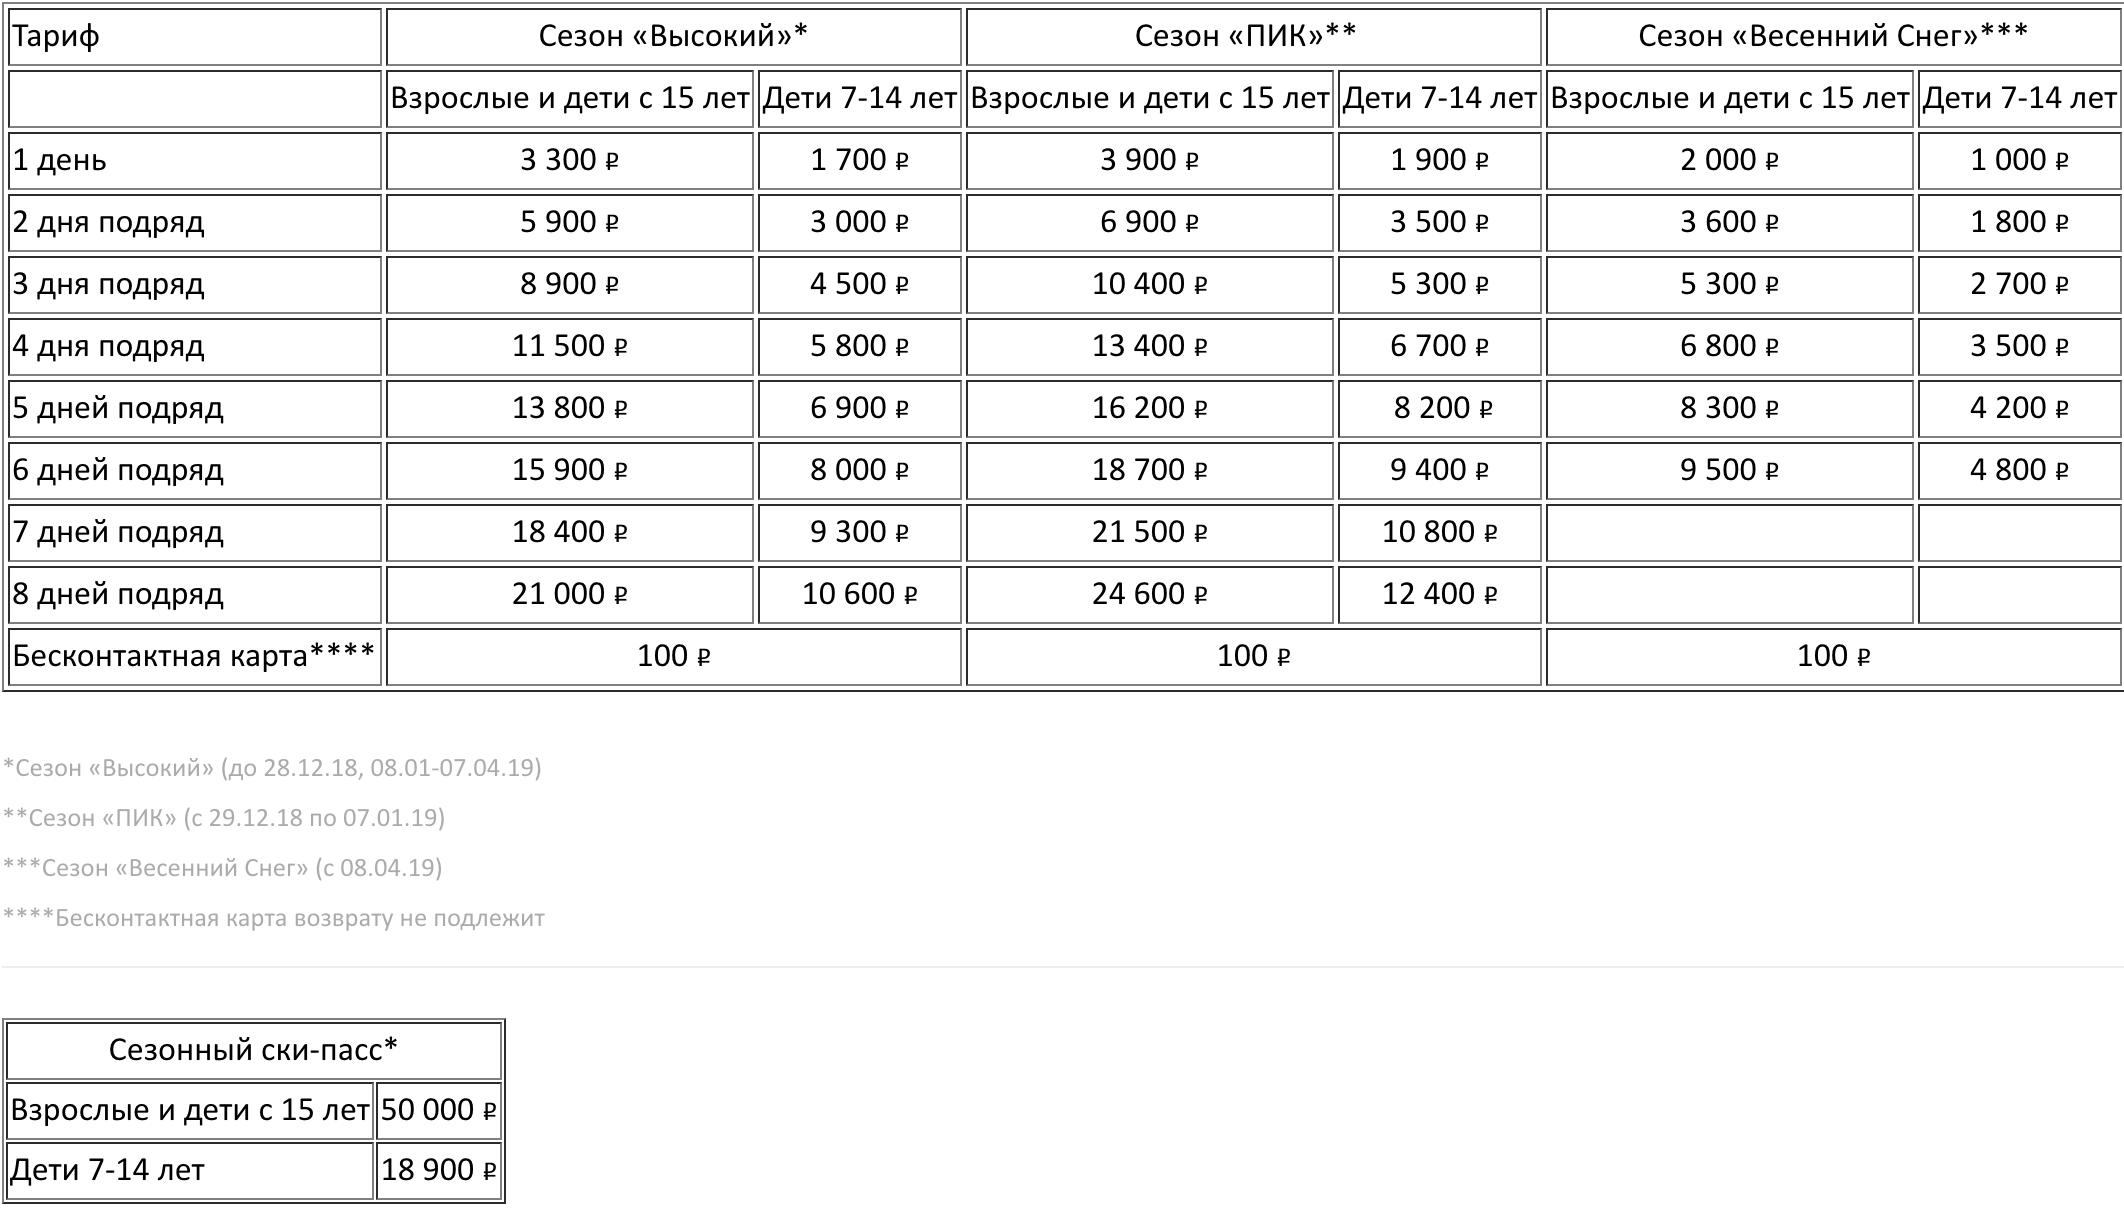 Цены на красной поляне в 2019 году. Открытие сезона 2019